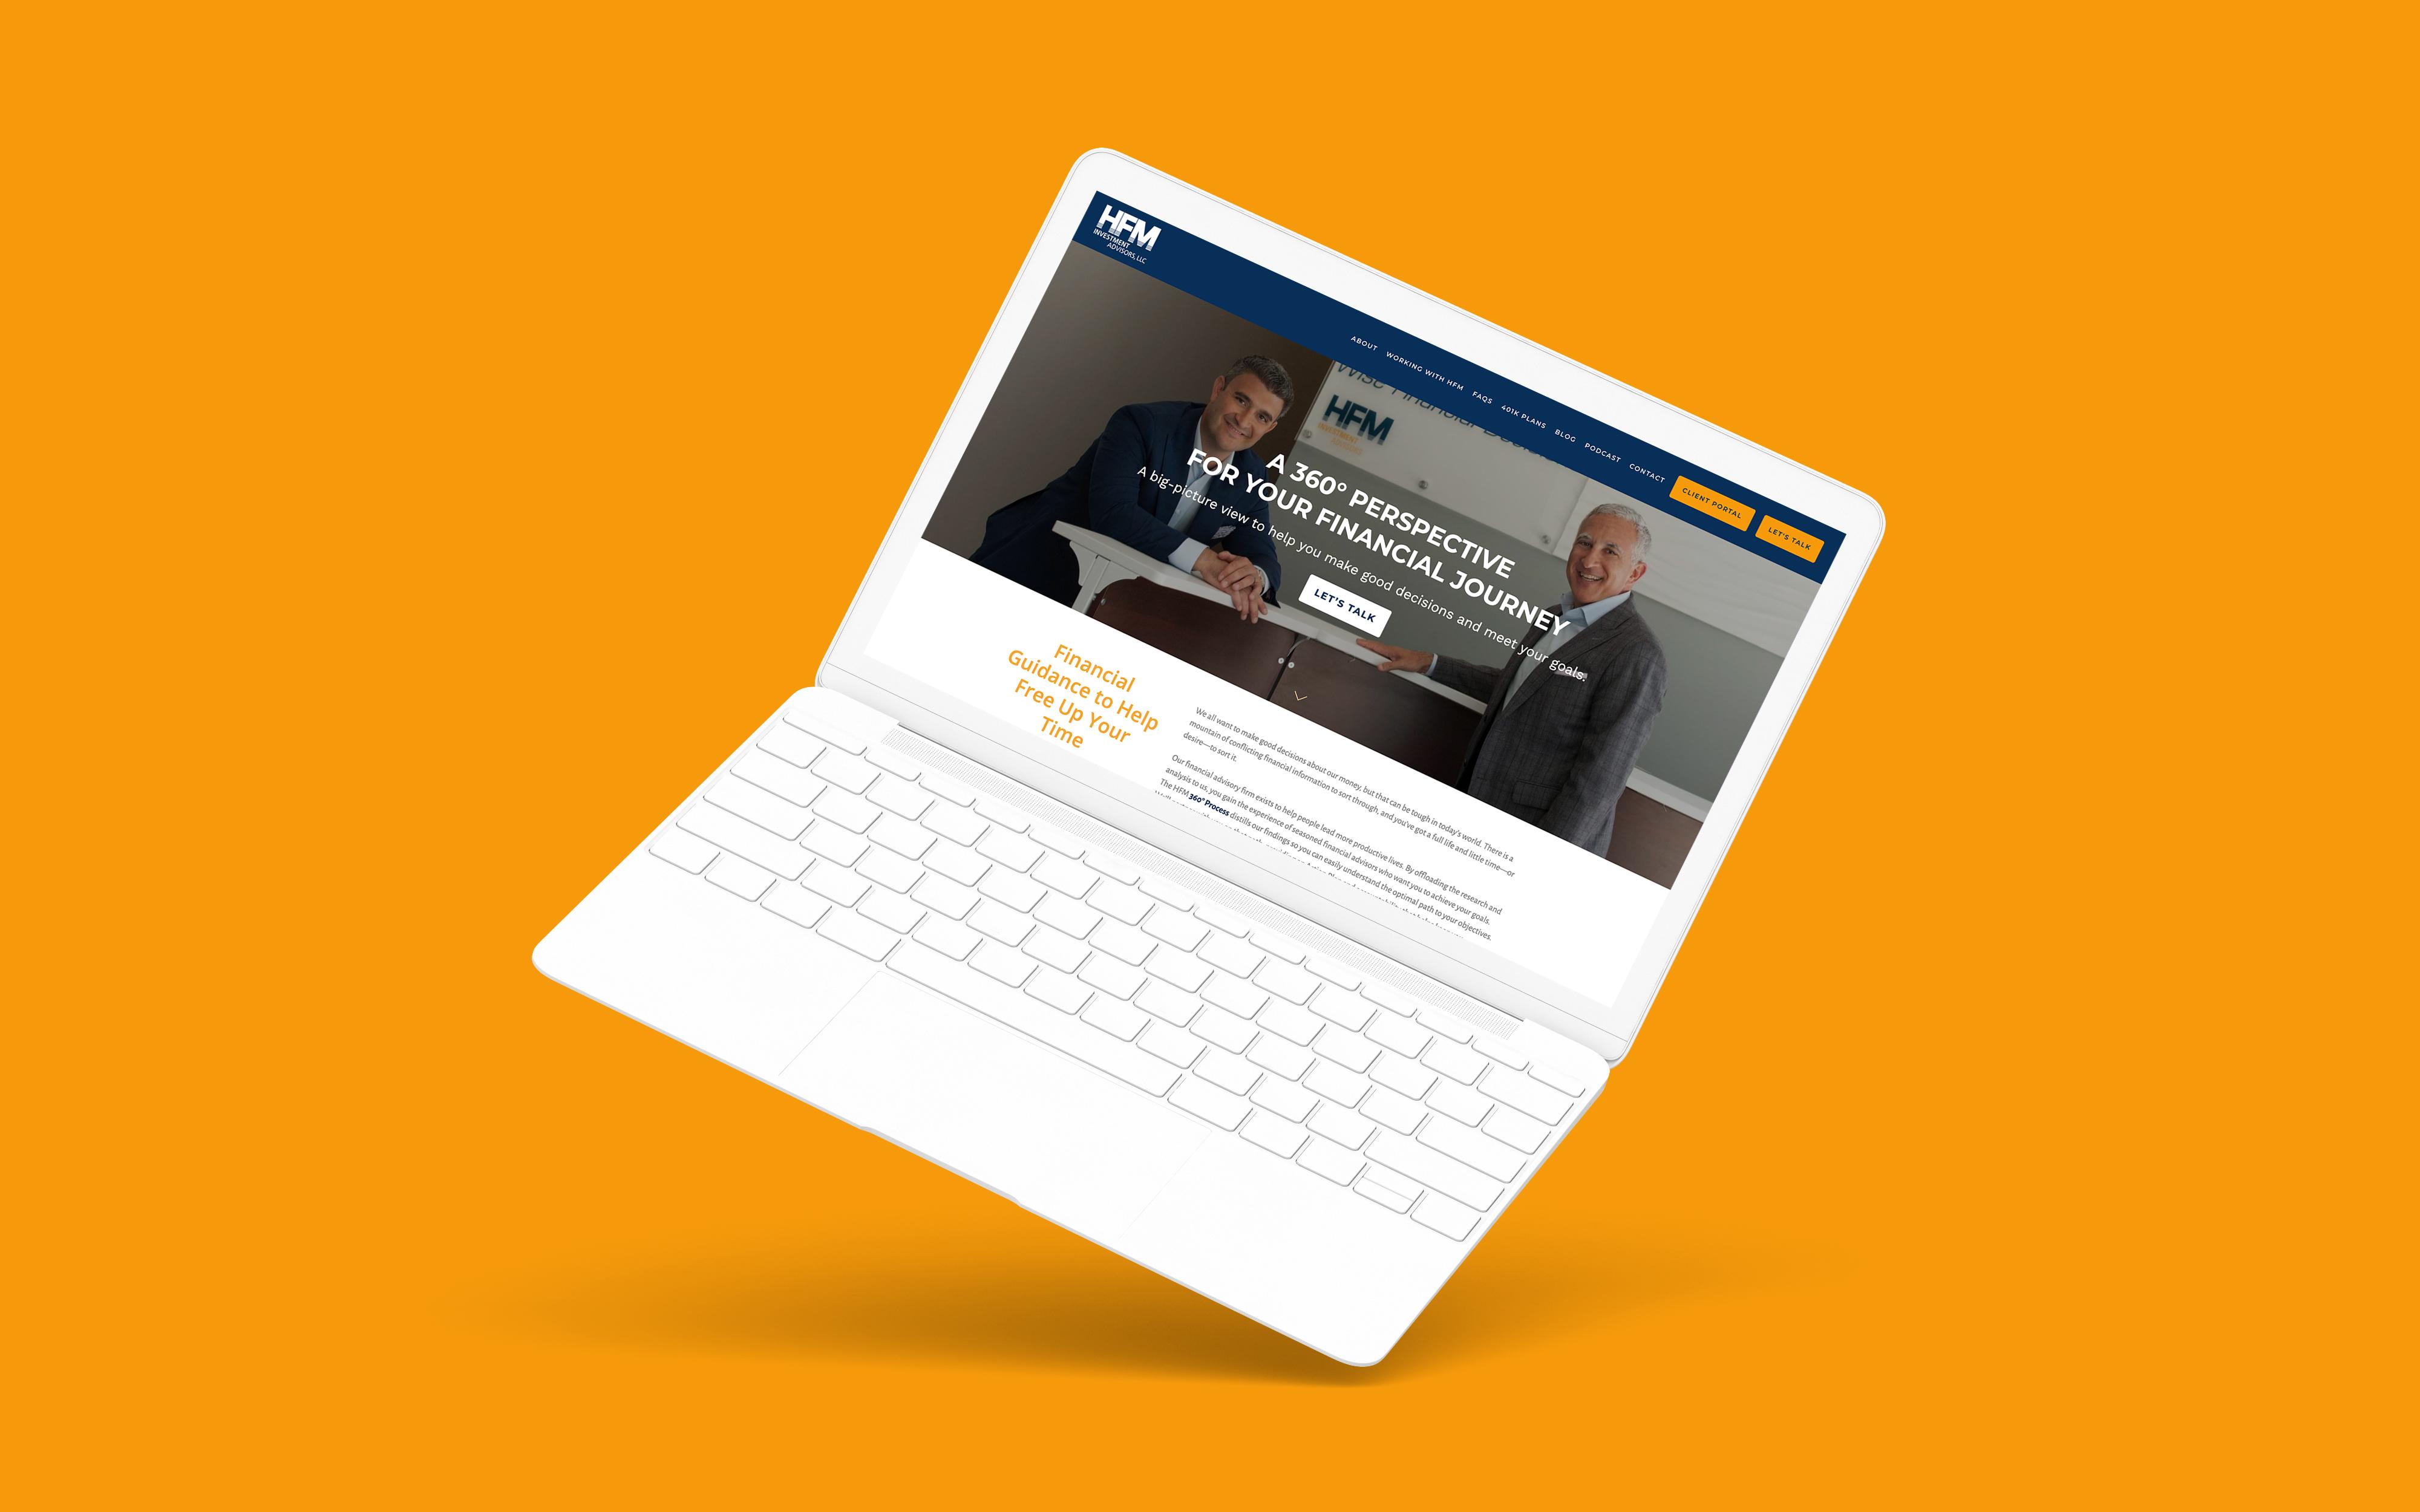 Financial Advisor Website Showcase: HFM Investment Advisors, LLC